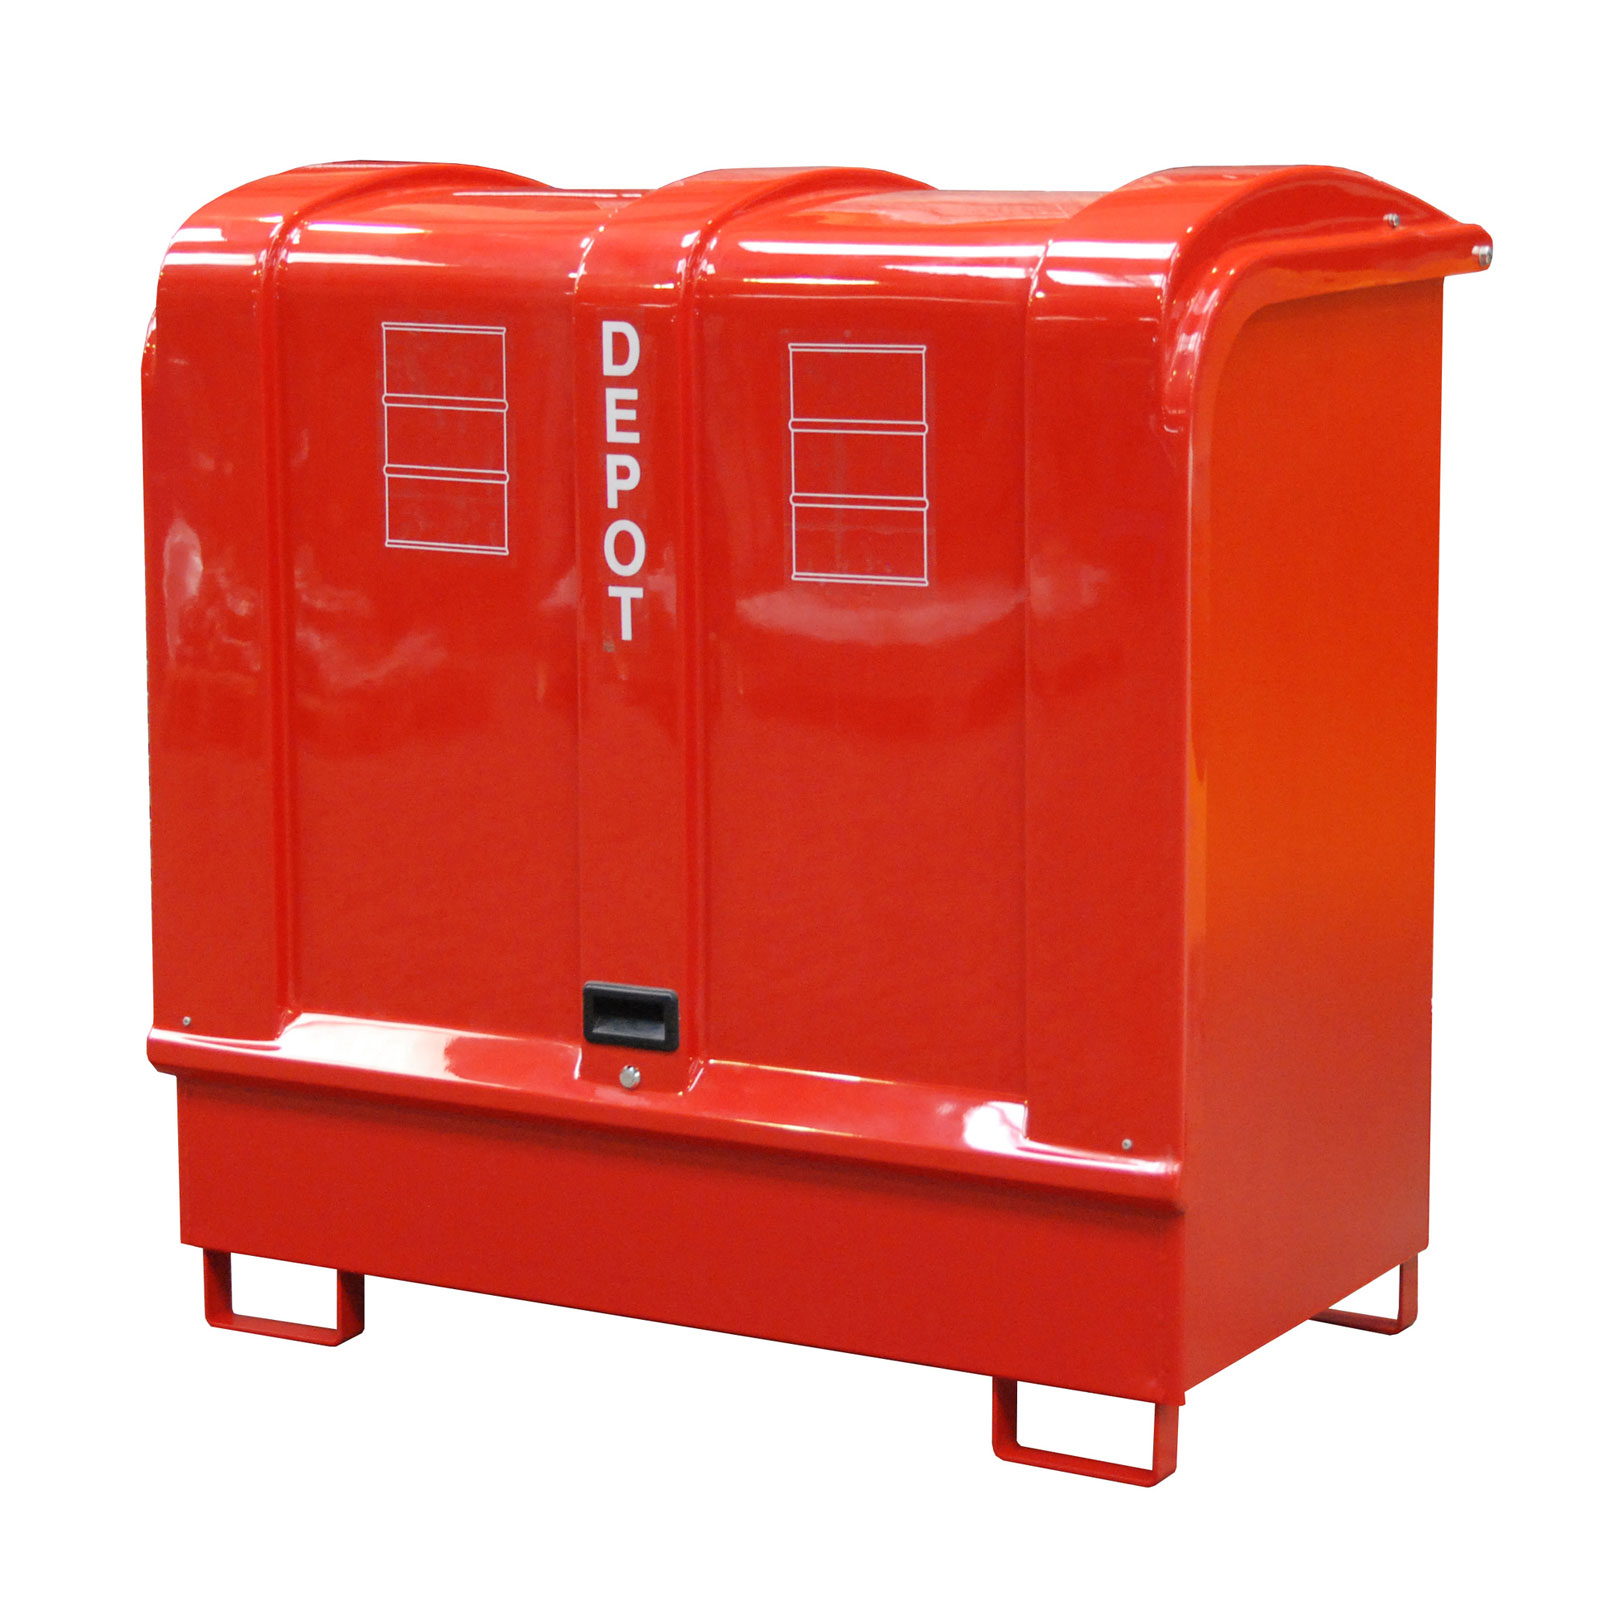 Bauer Gefahrstoff-Depot GD-B für Außenbereich mit Spritzschutzwand und GFK-Haube, Feuerrot 4416-02-0000-2